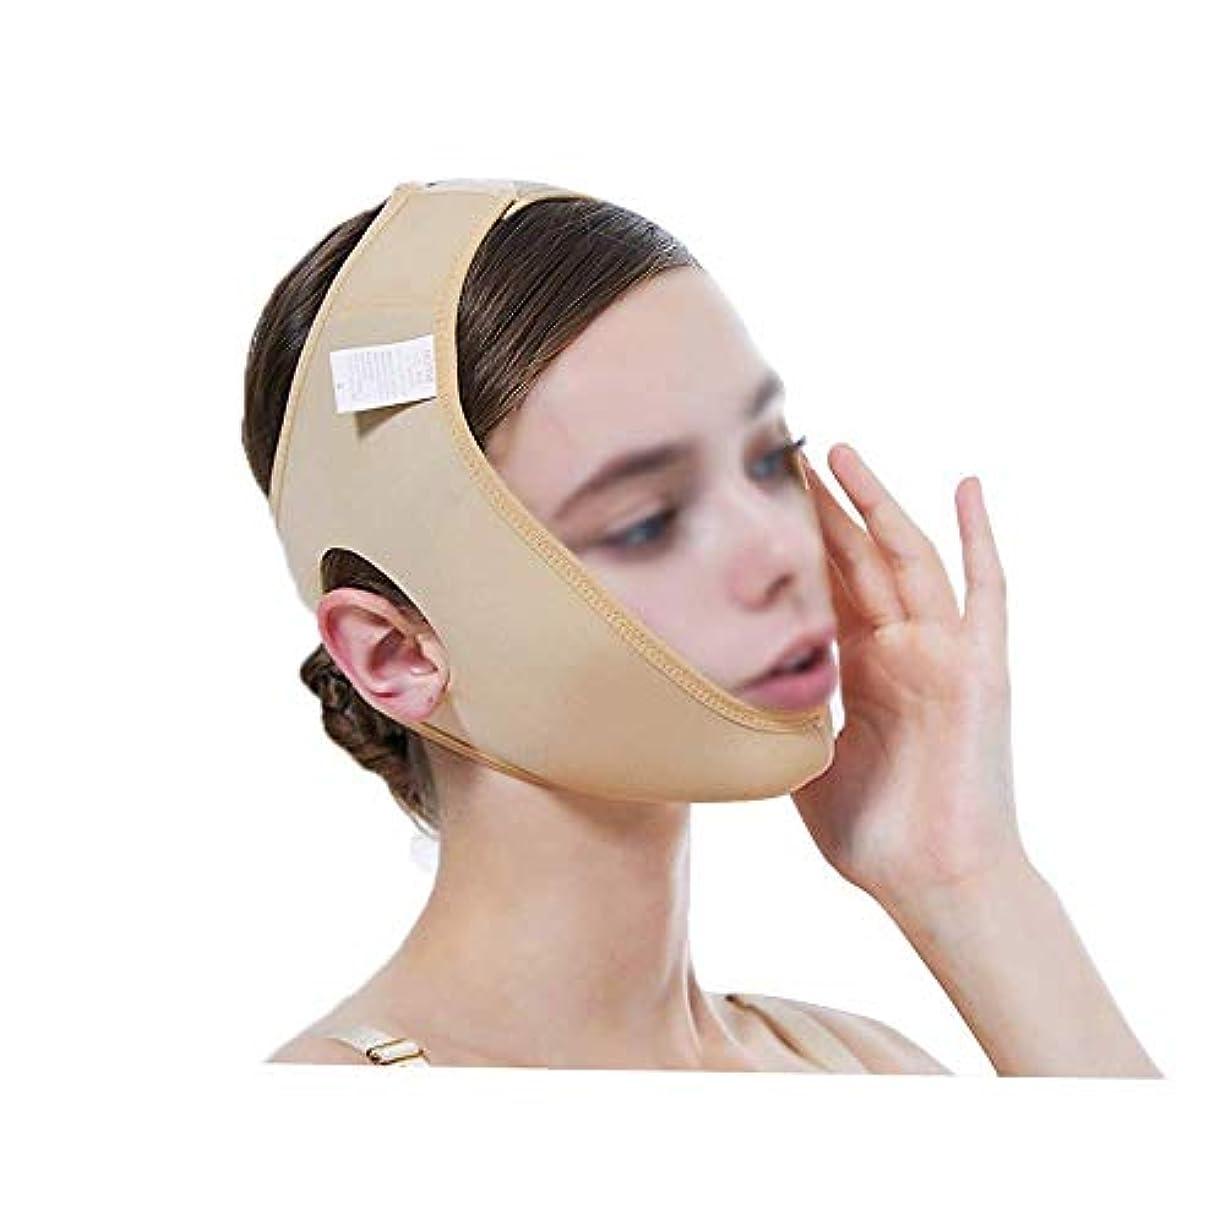 忘れられない良性音節フェイスアンドネックリフト、減量ポストヘッドシンダブルチンアーティファクトVフェイスビームフェイスジョーセットフェイスマスク(サイズ:XS)